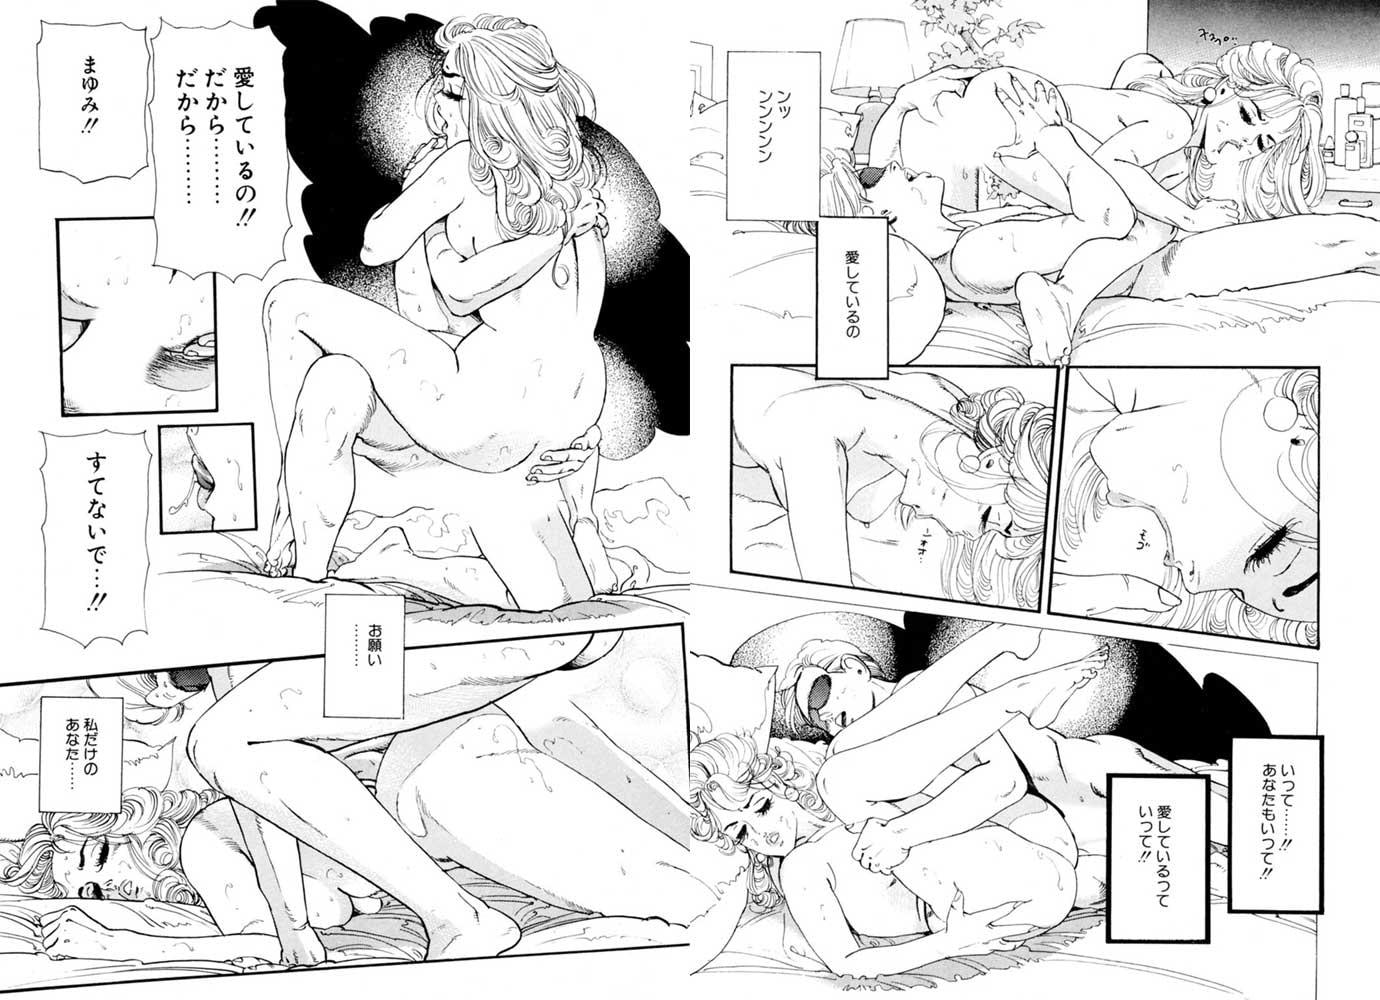 エロ過ぎる人妻品評会~夫のより立派で興奮しちゃう 4巻